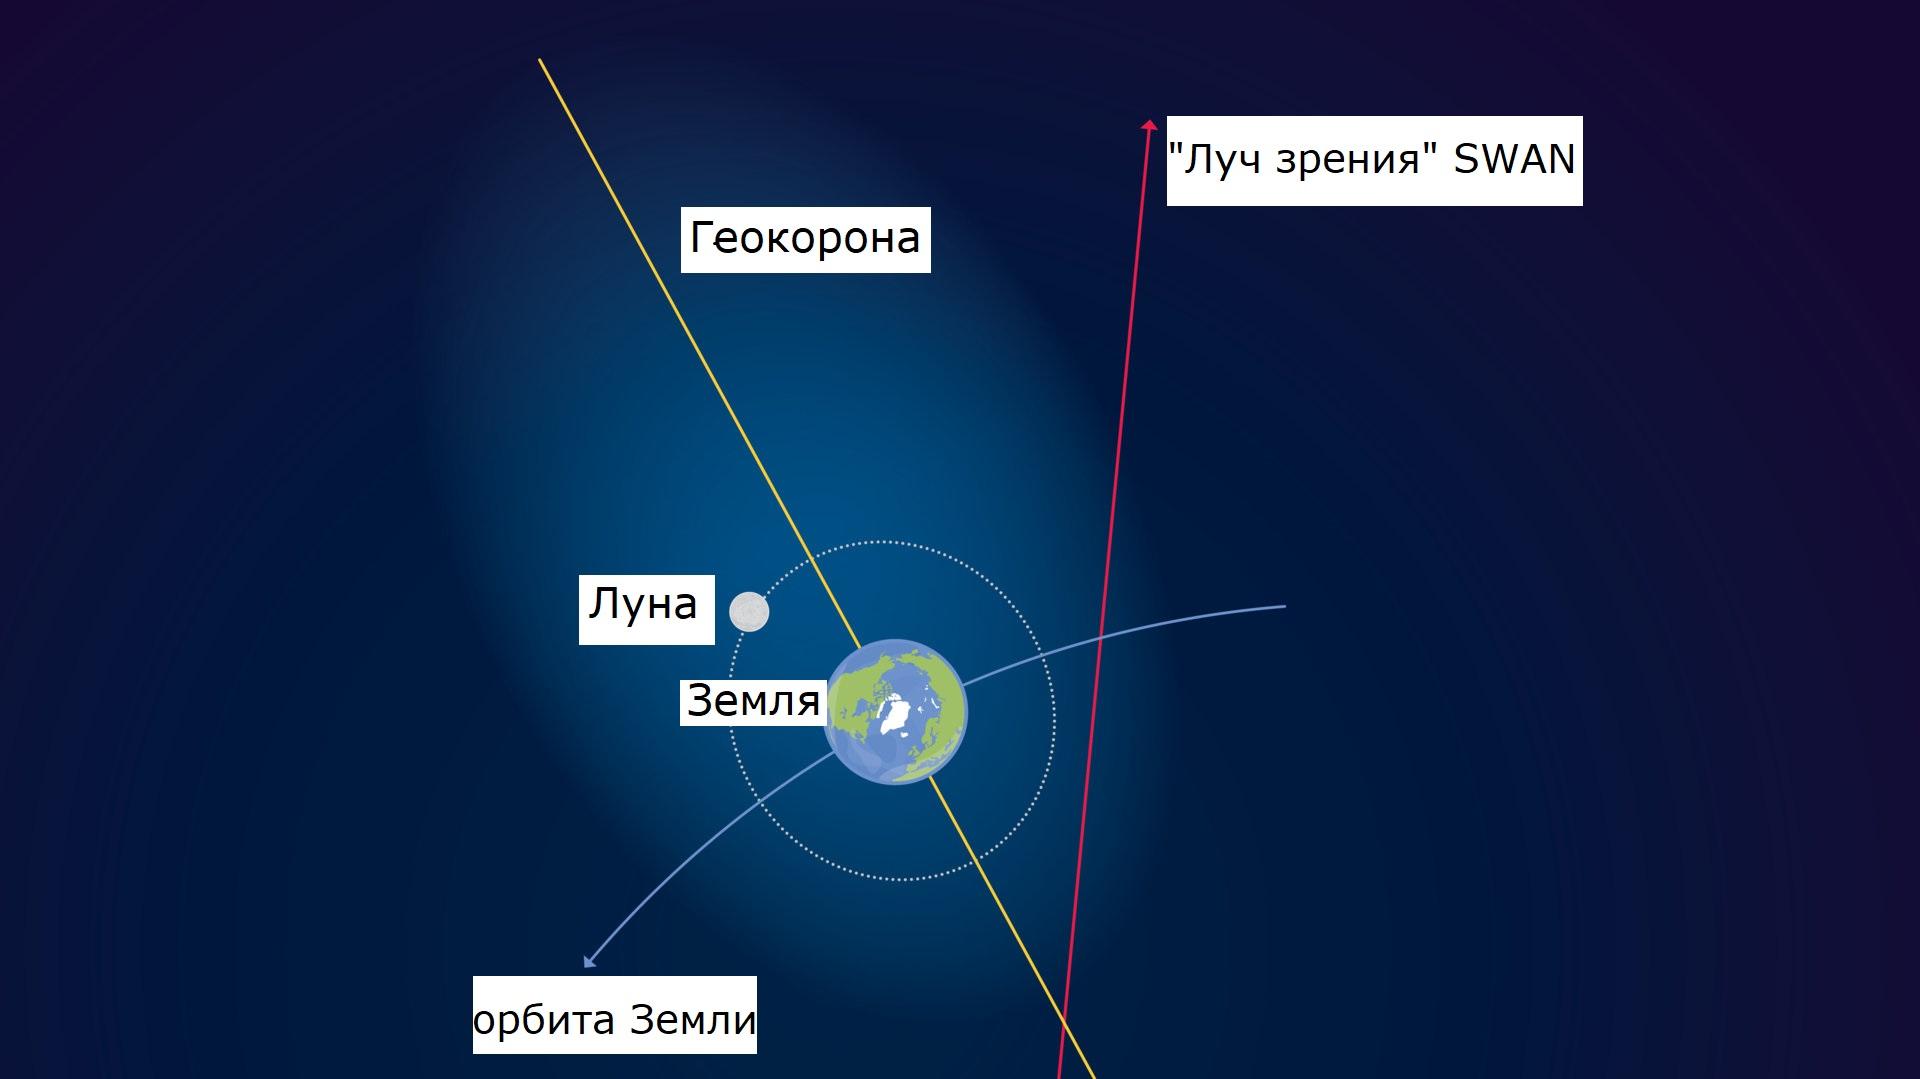 Схема, иллюстрирующая расположение и наблюдение геокороны.